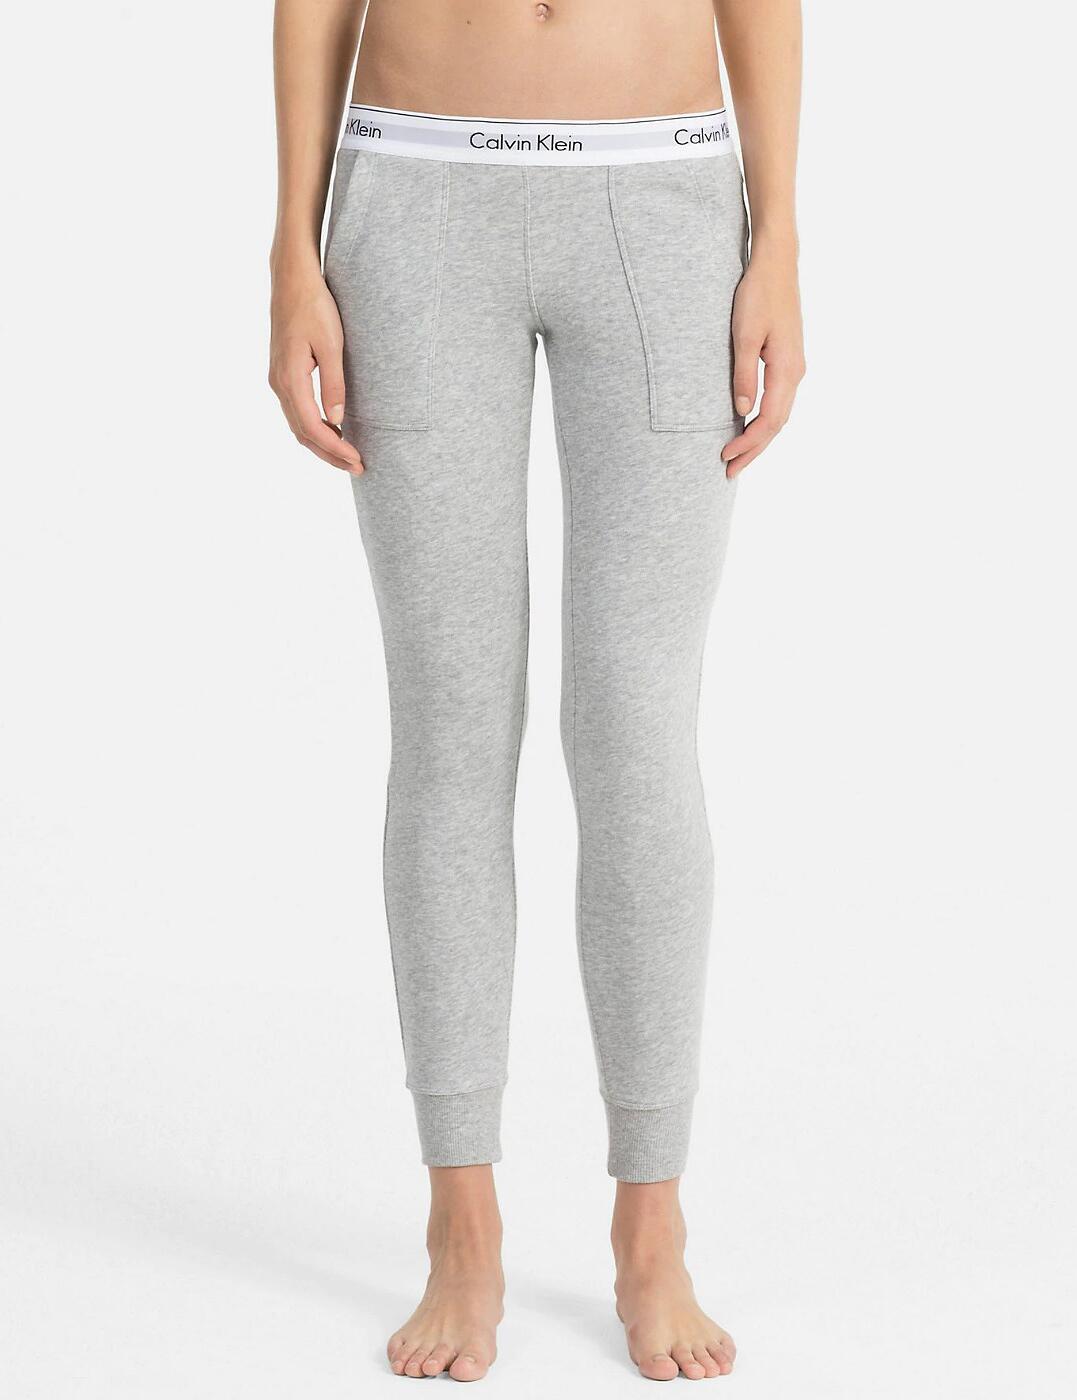 QS5716E Calvin Klein Modern Cotton Lounge Joggers  - QS5716E Grey Heather